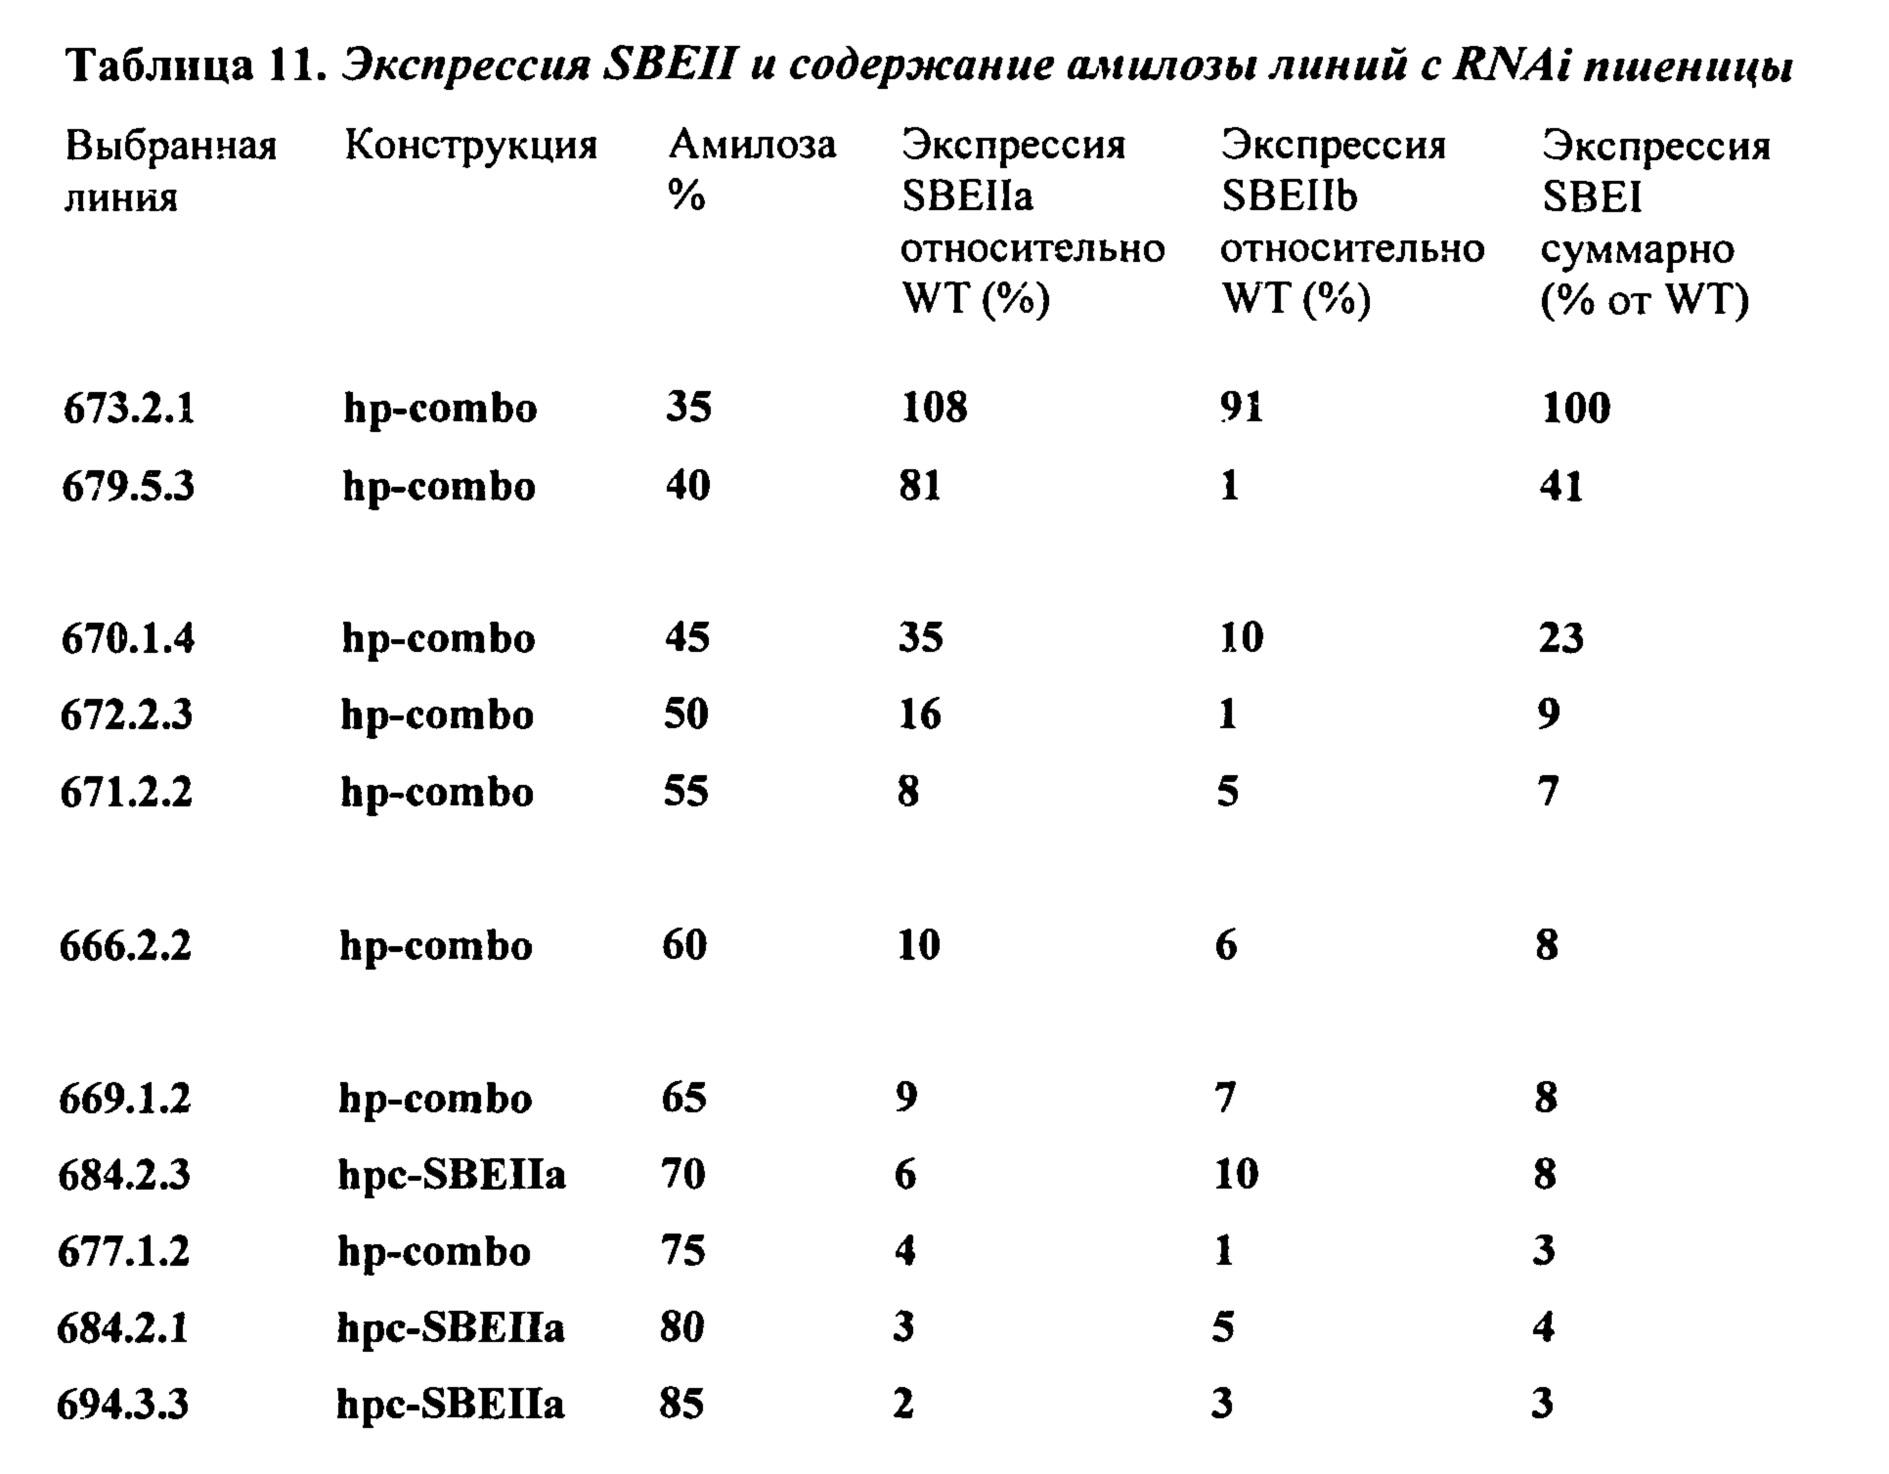 Количество возможных фенотипов возникающих при скрещивании гетерозиготных особей равно